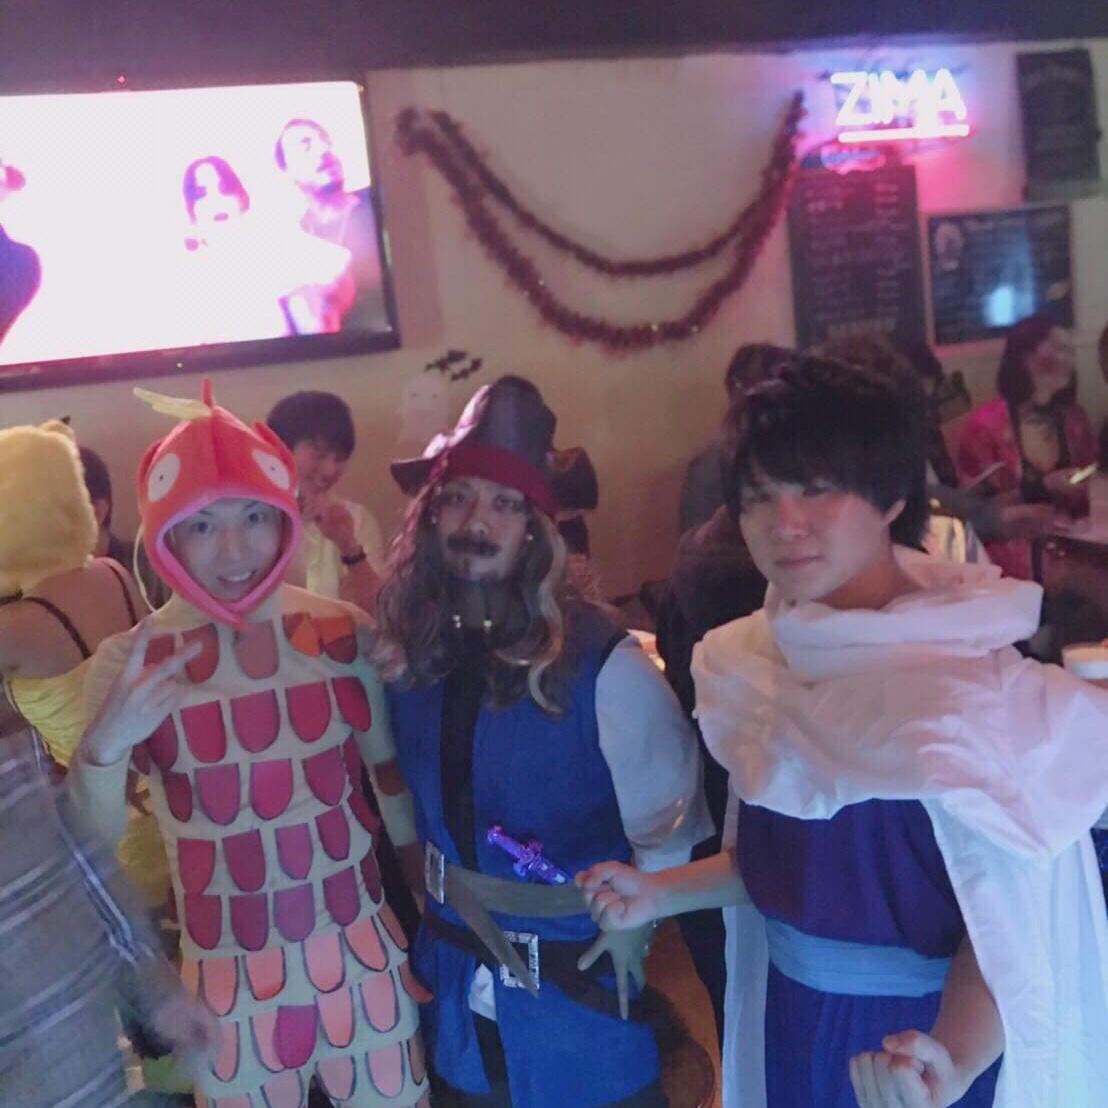 ハロウィンパーティーで仮装するバヤシさん(左)